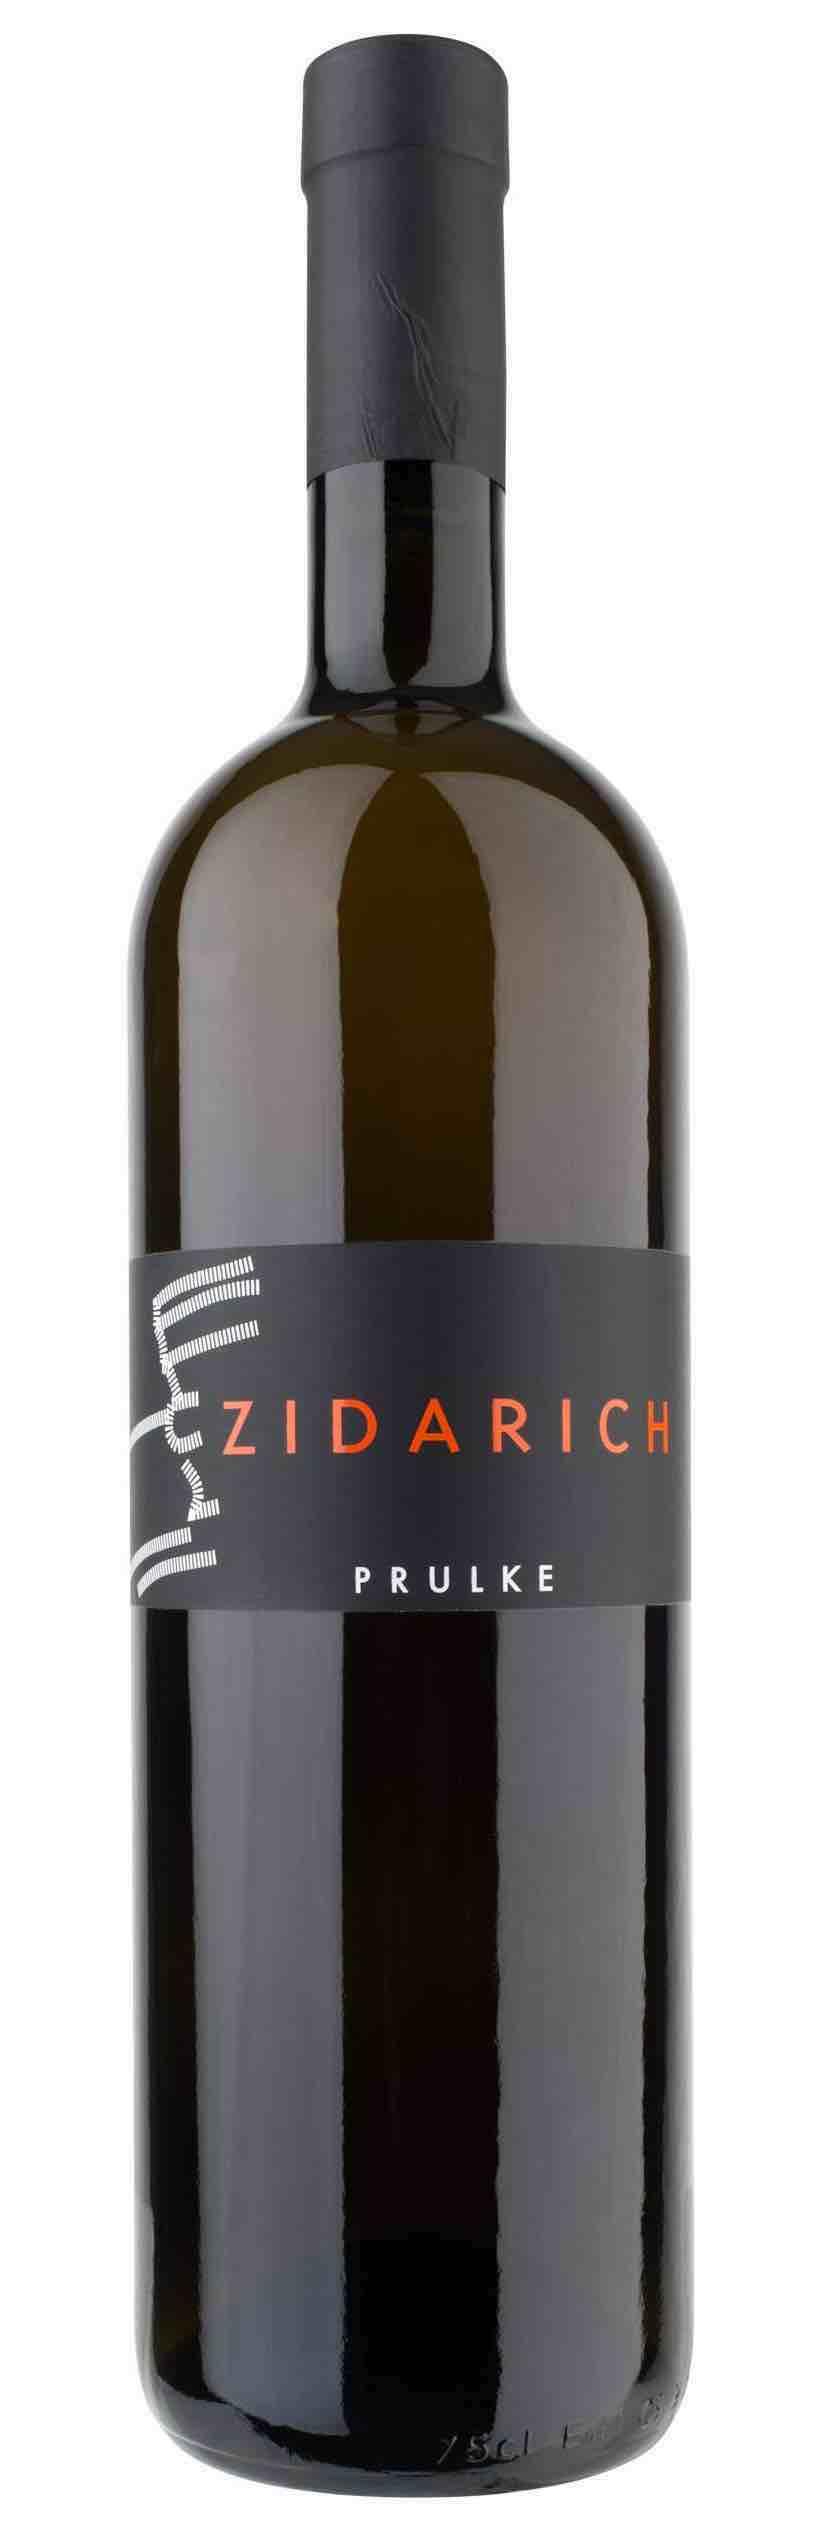 Prulke-2015-IGT-Zidarich